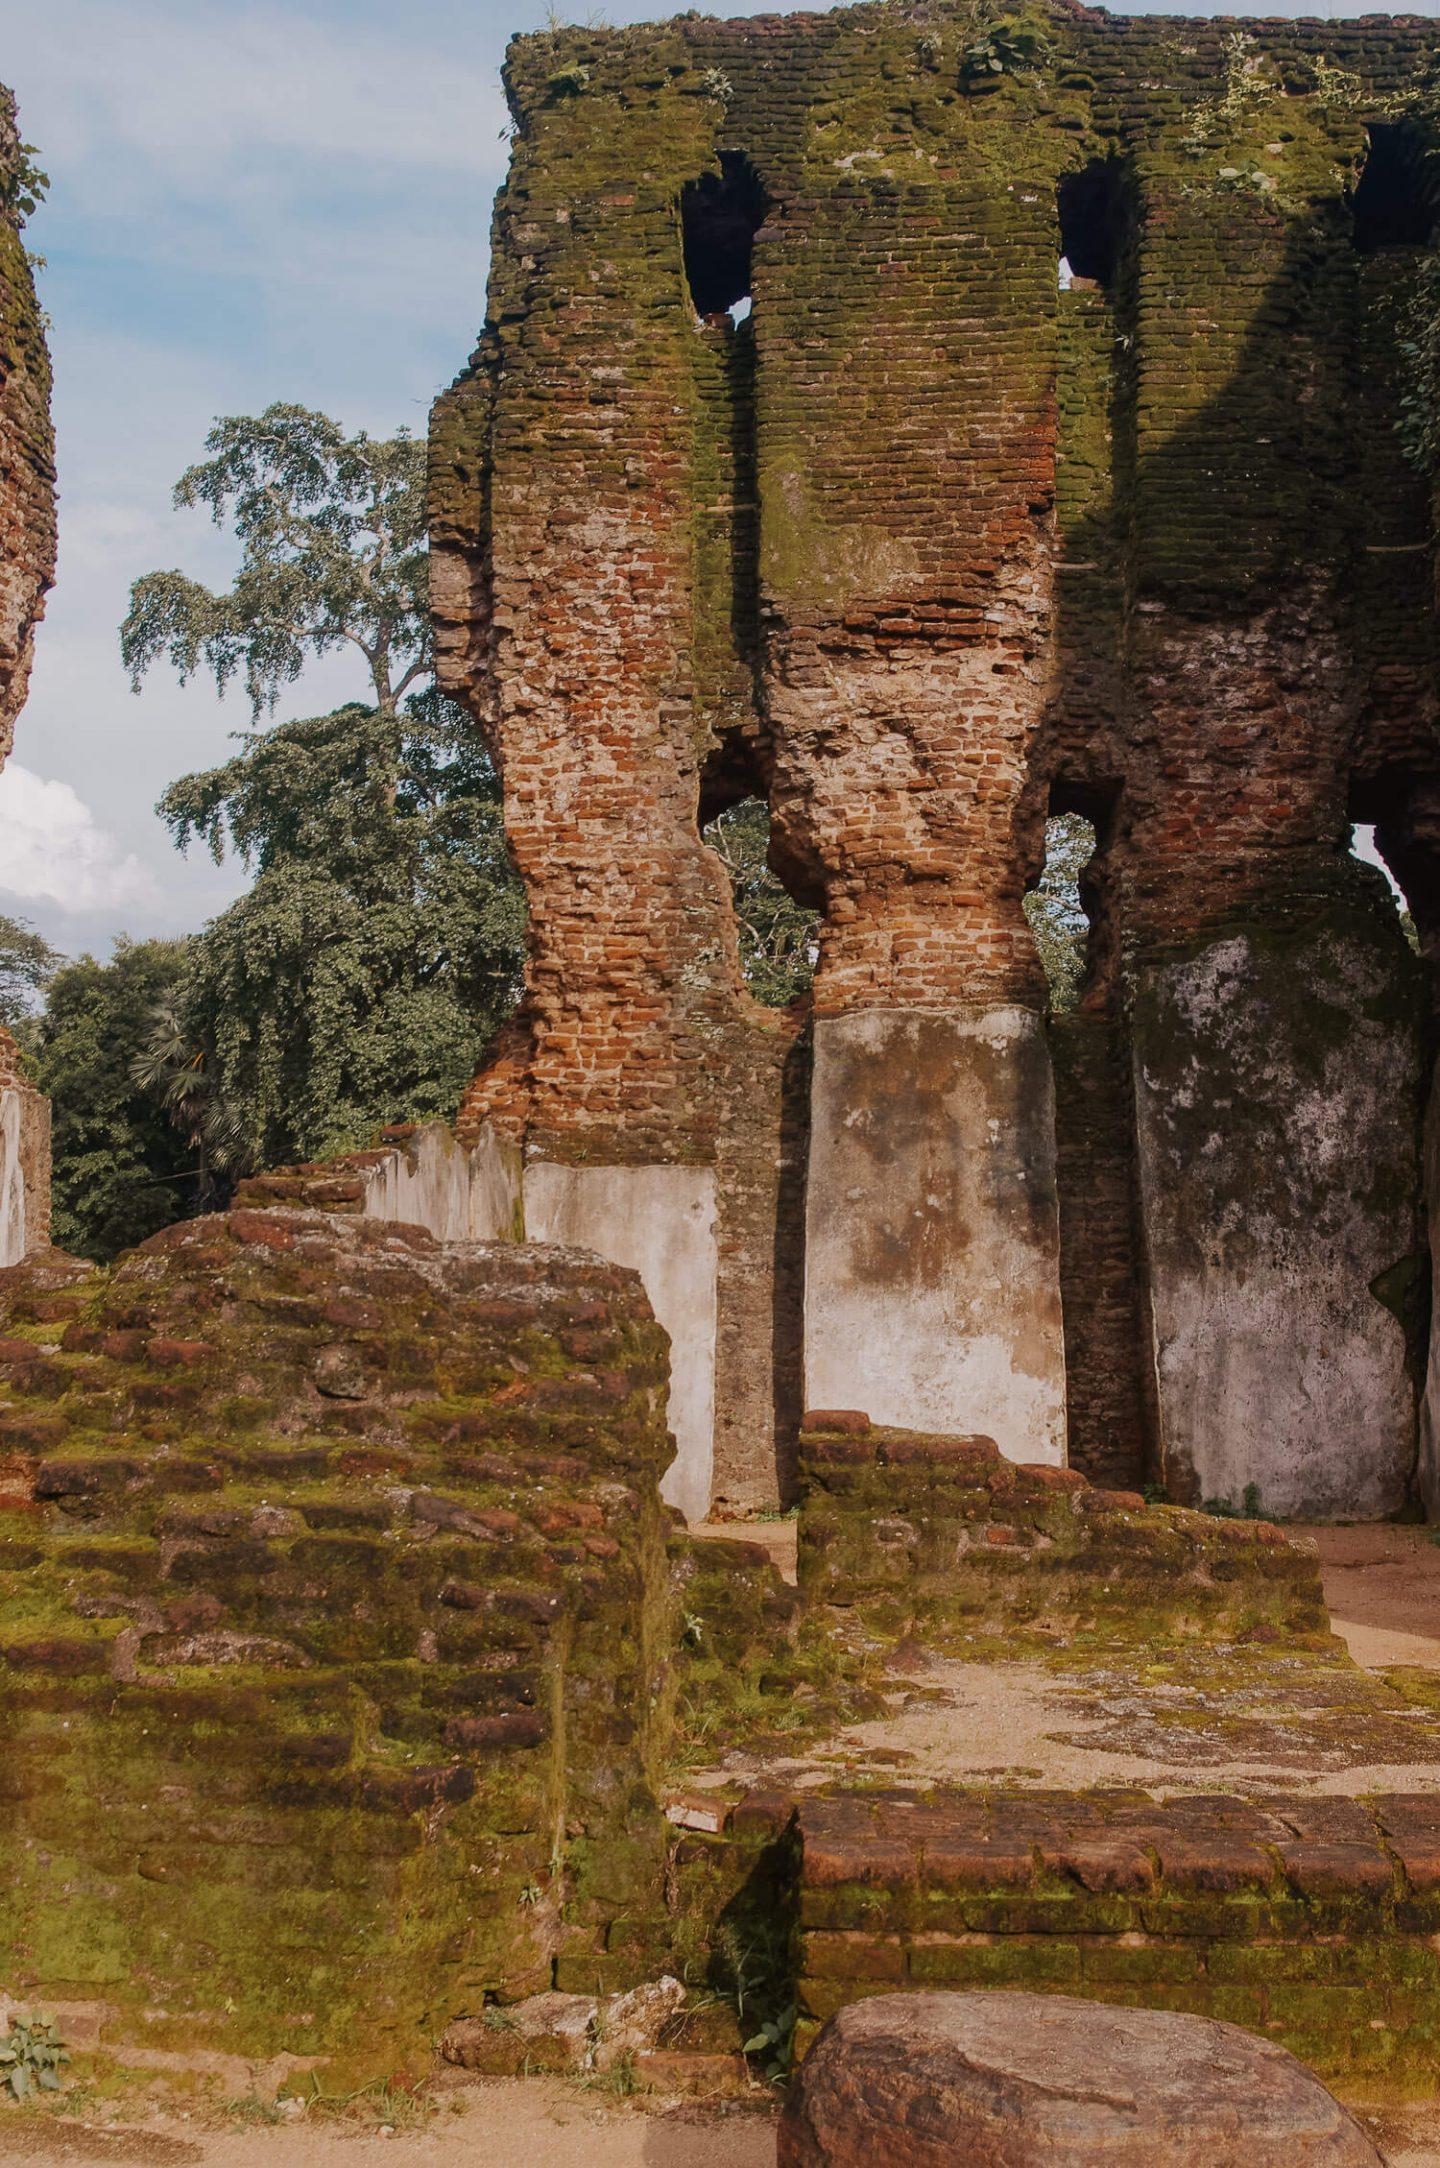 Ruins at Polonnaruwa Sri Lanka